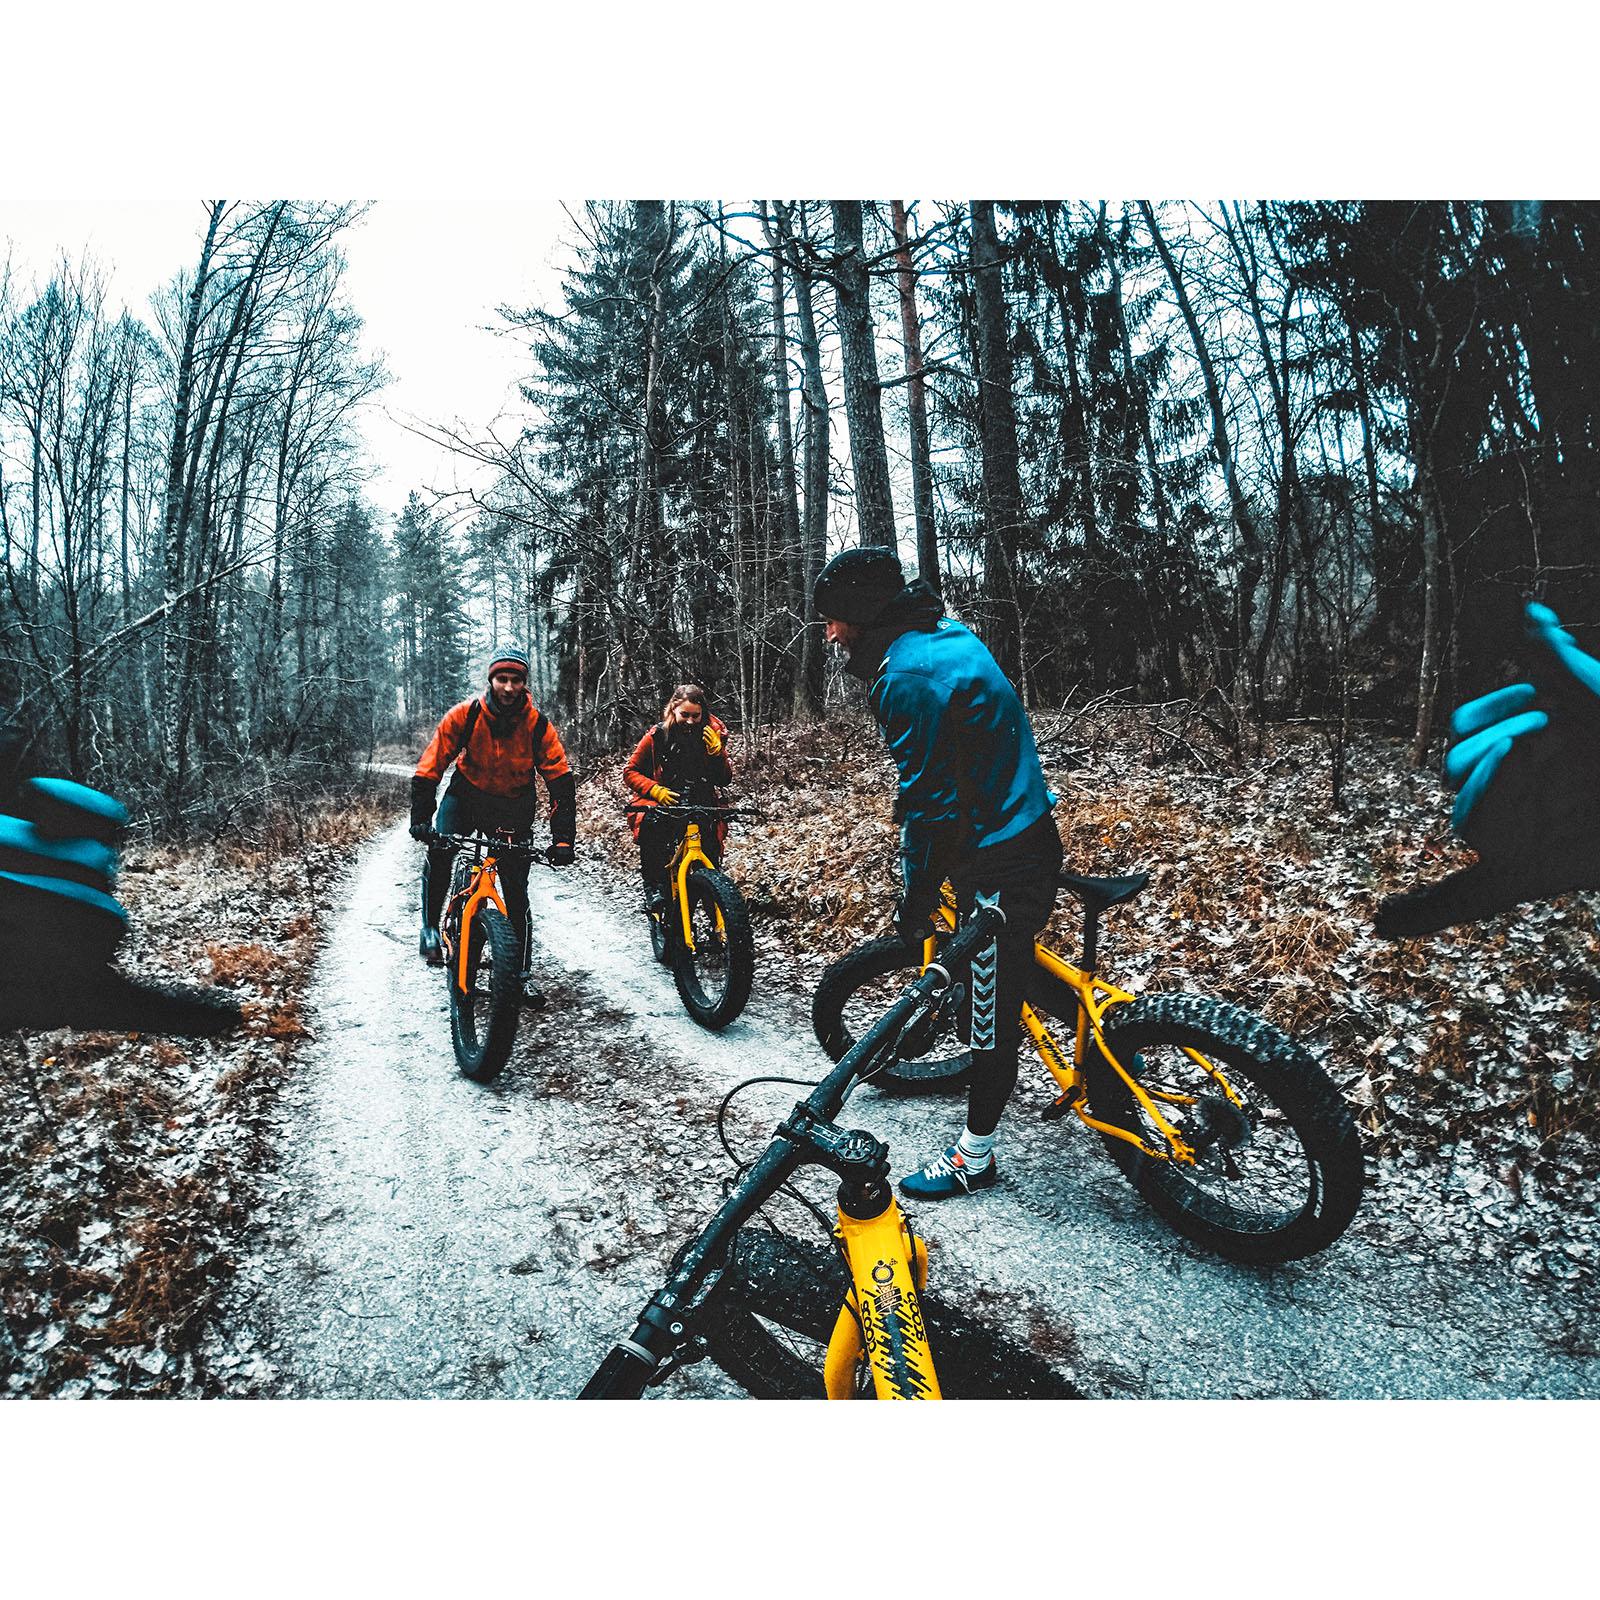 Enjoy fat biking in amazing surroundings